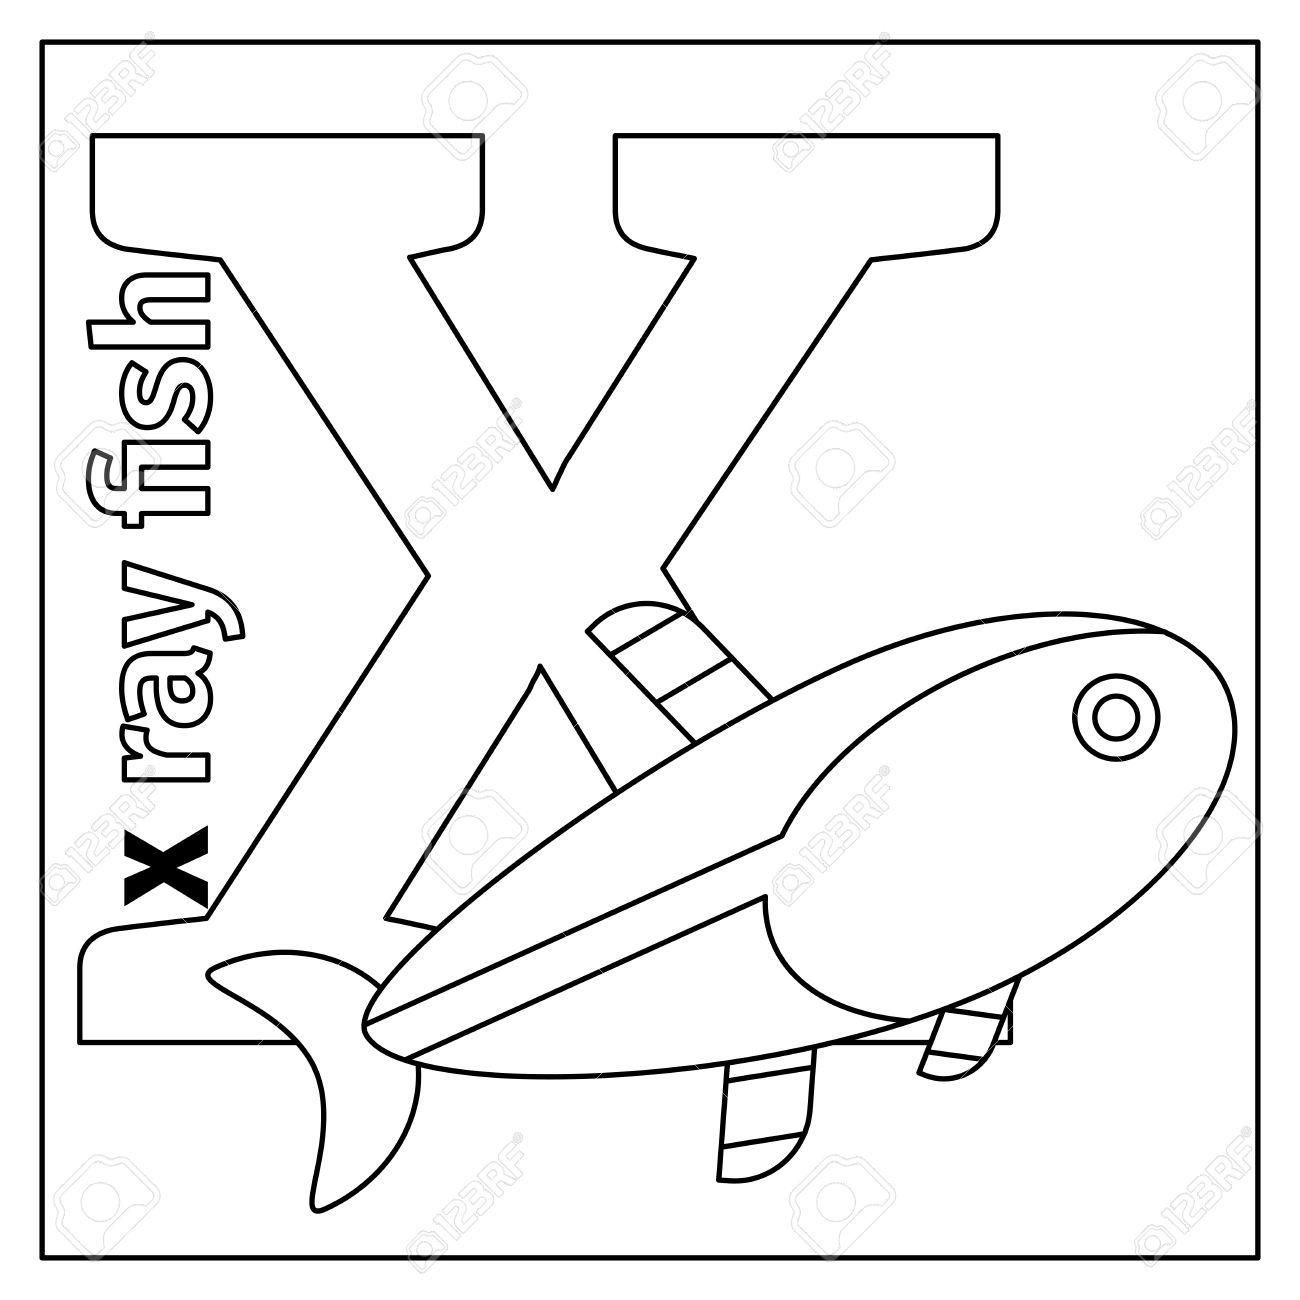 Dibujo Para Colorear O Tarjeta Para Los Niños Con Alfabeto Inglés Animales Del Zoo X Ray Peces Letra X Ilustración Vectorial